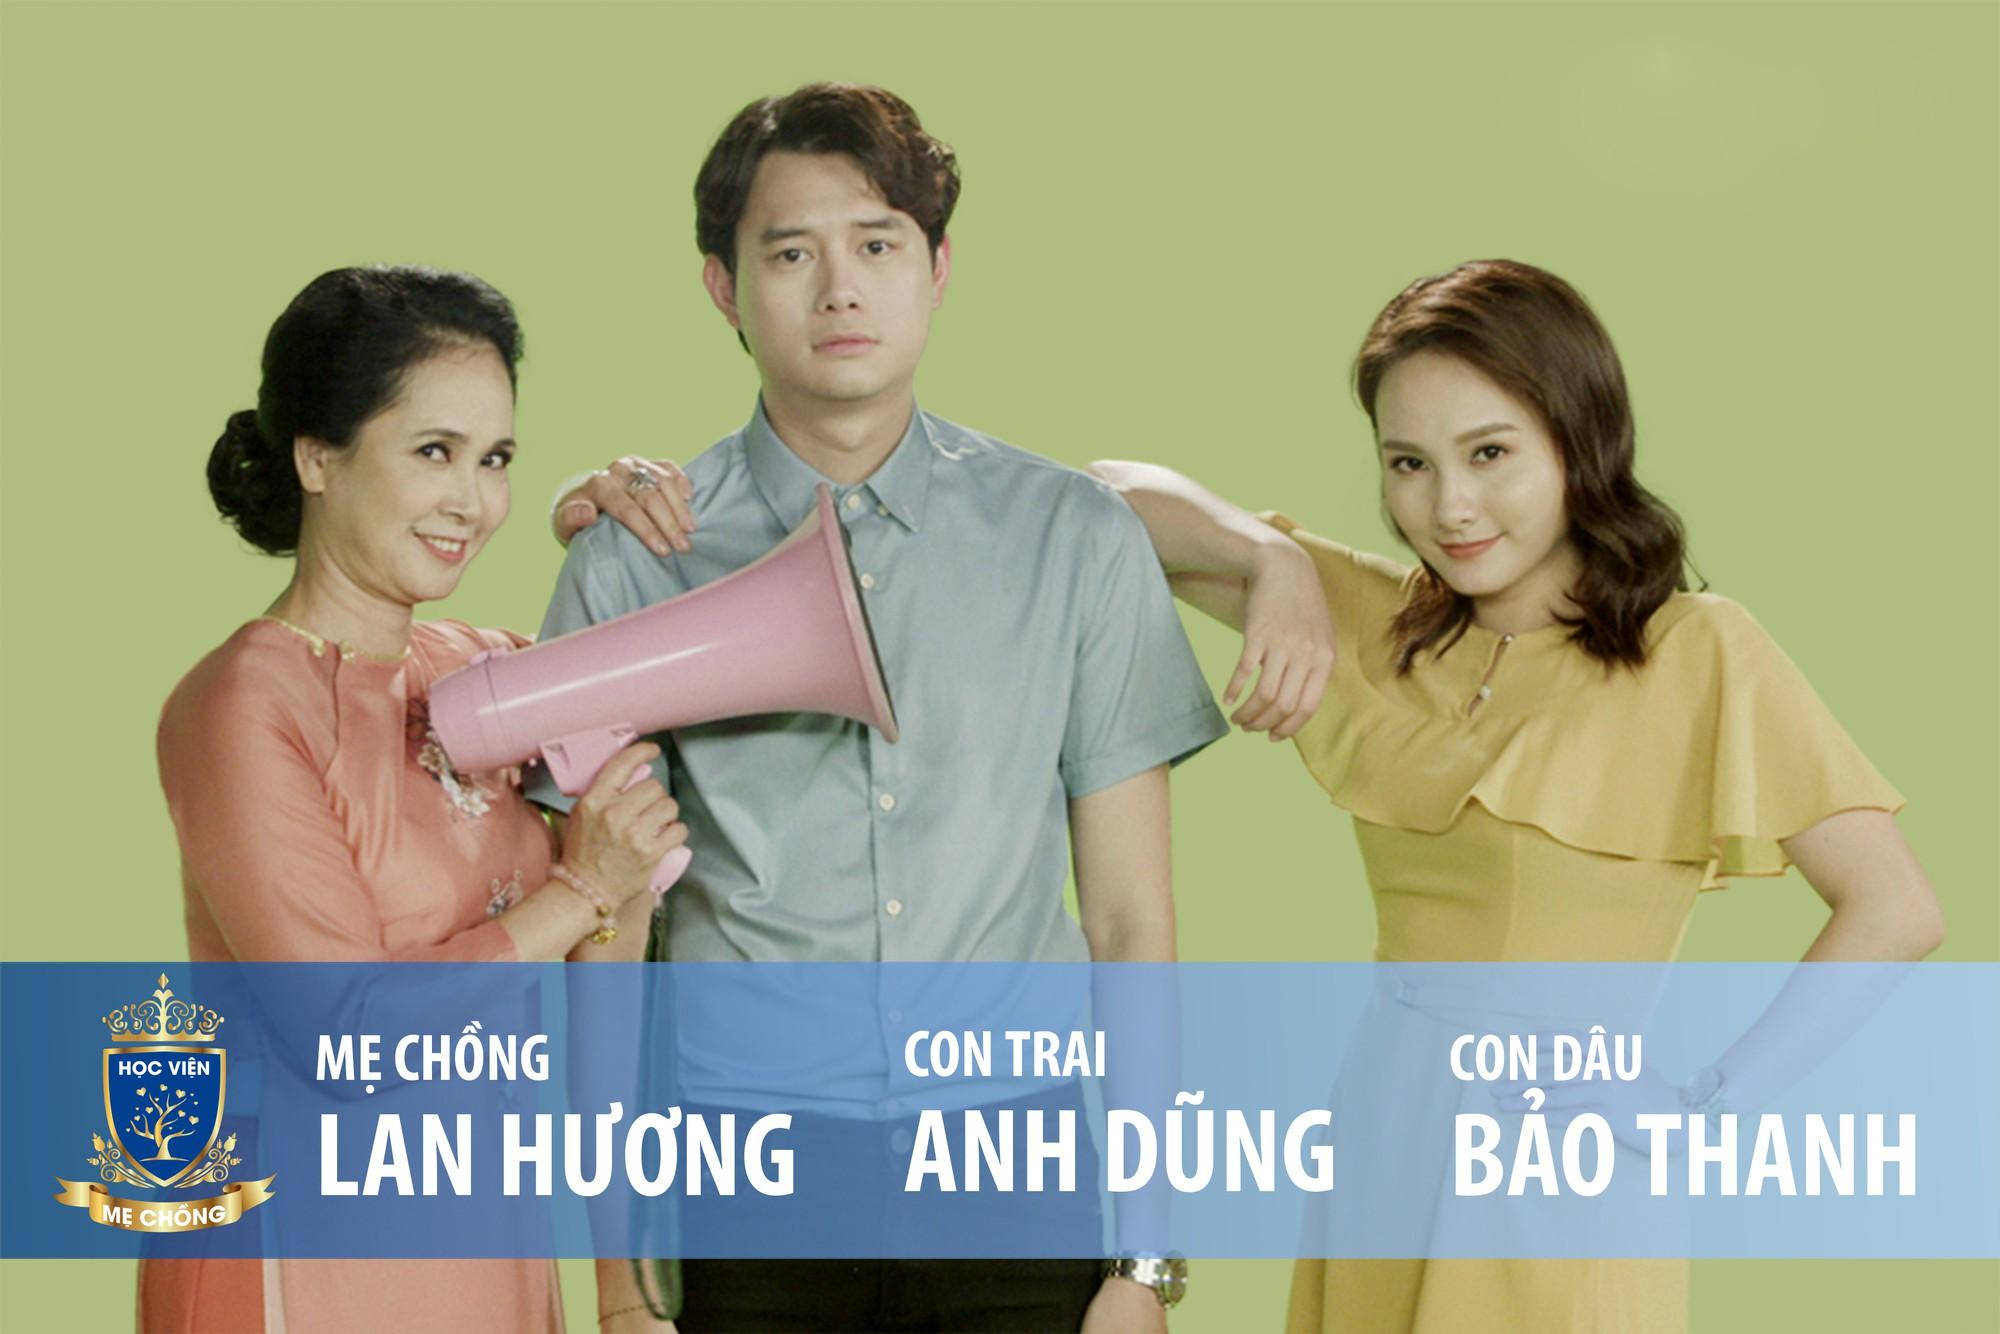 Học Viện Mẹ Chồng - Bộ 3 'Sống chung với mẹ chồng' ra mắt show truyền hình 'Học viện mẹ chồng'